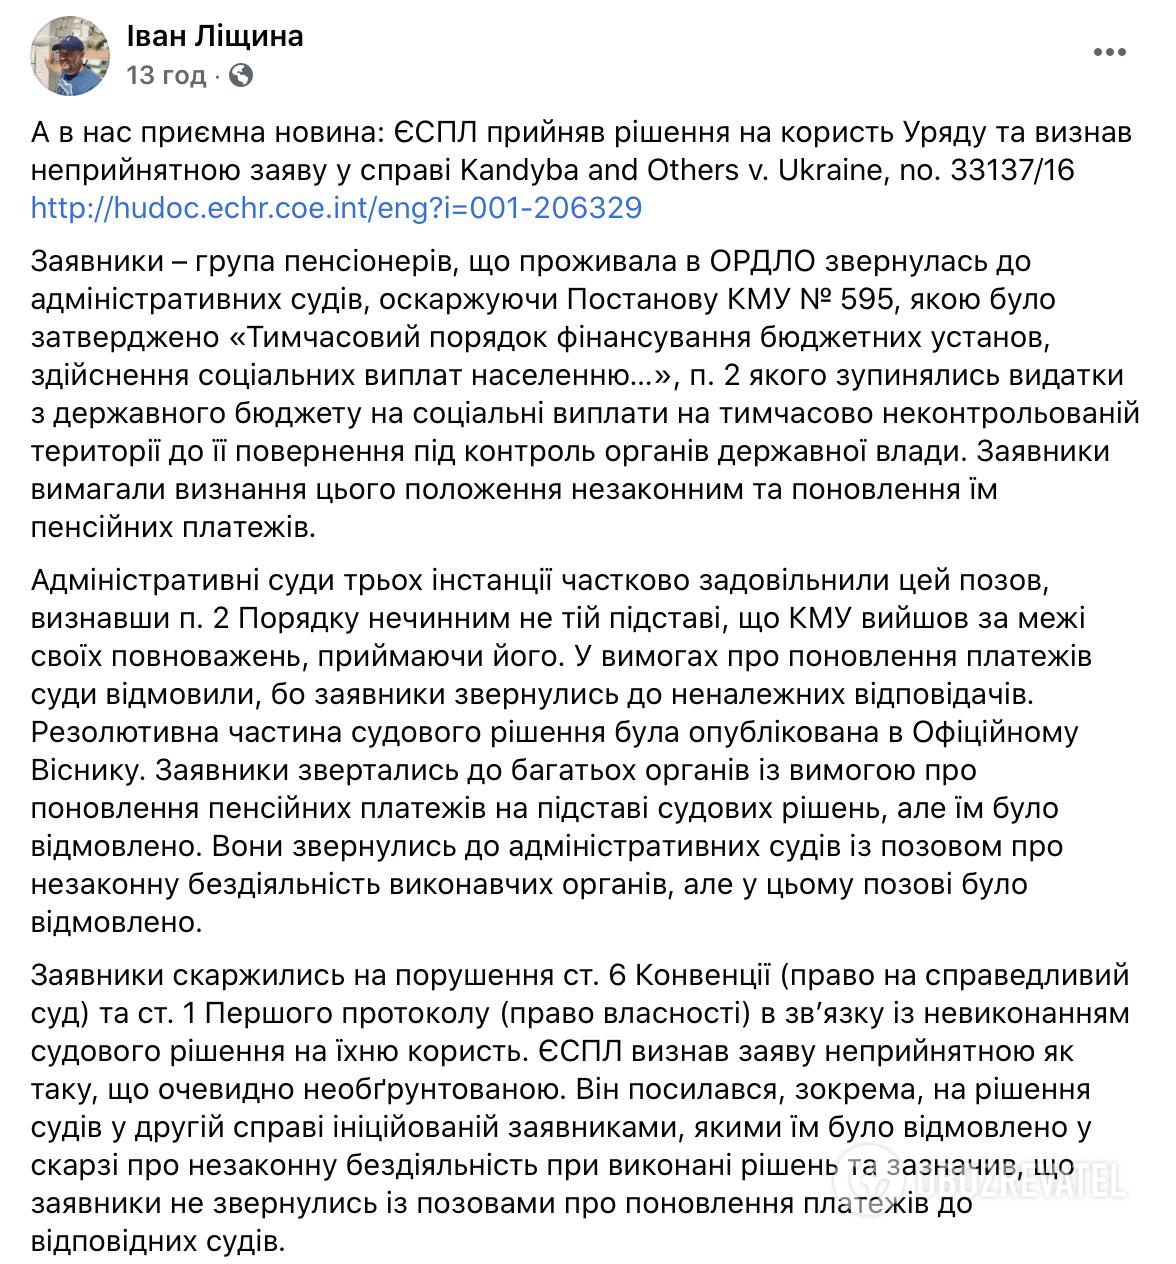 ЄСПЛ підтримав Україну у справі пенсій для ОРДЛО